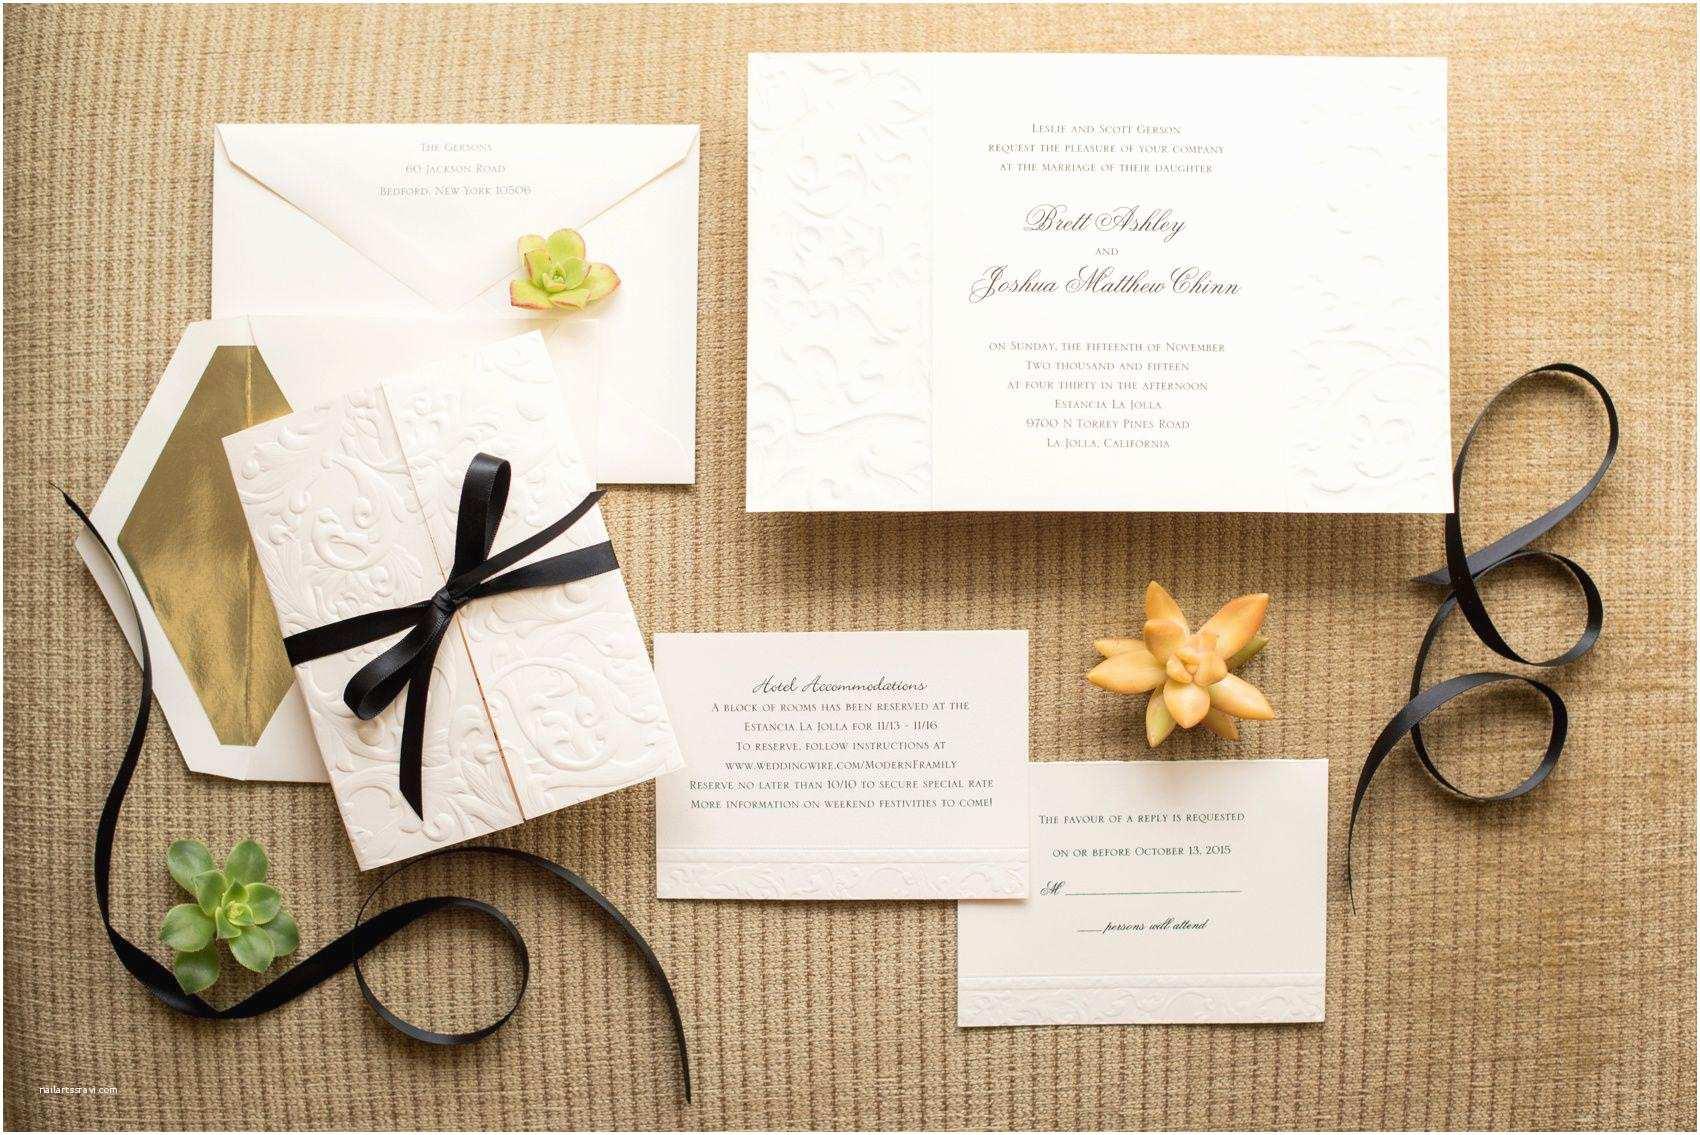 Wedding Invitation Card Design Wedding Invitations Card Making Wedding Invitations